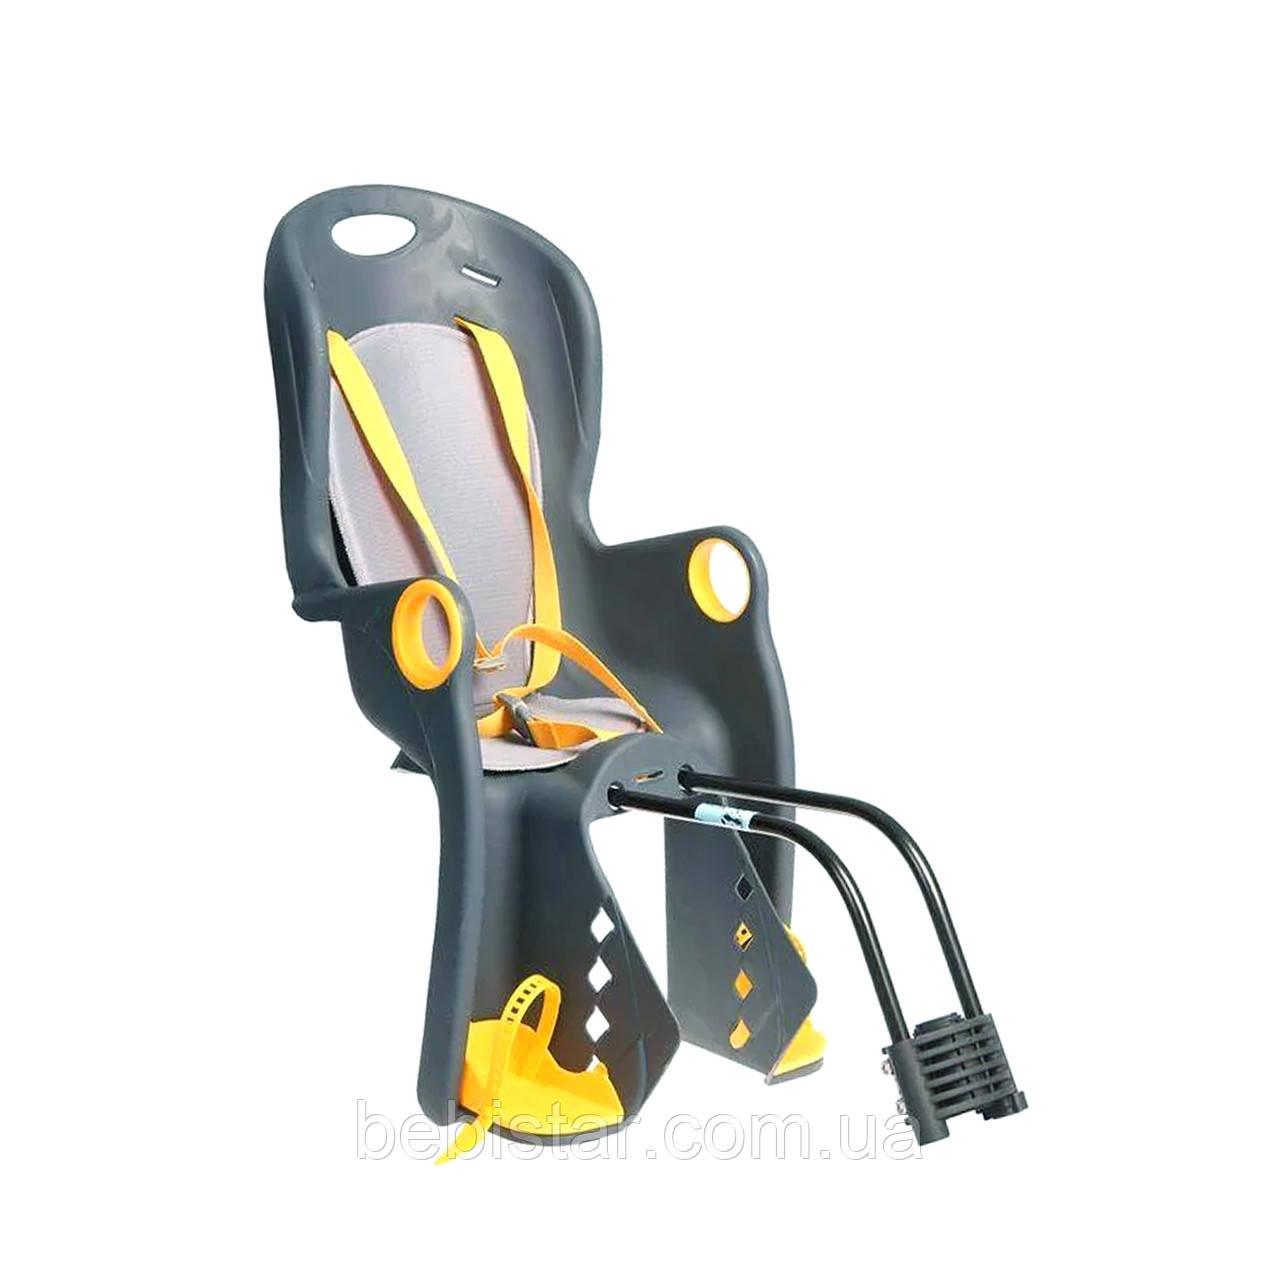 Велокресло темно-серое TILLY T-831 с установкой к подседельной трубе или на багажник с весом ребенка до 22 кг